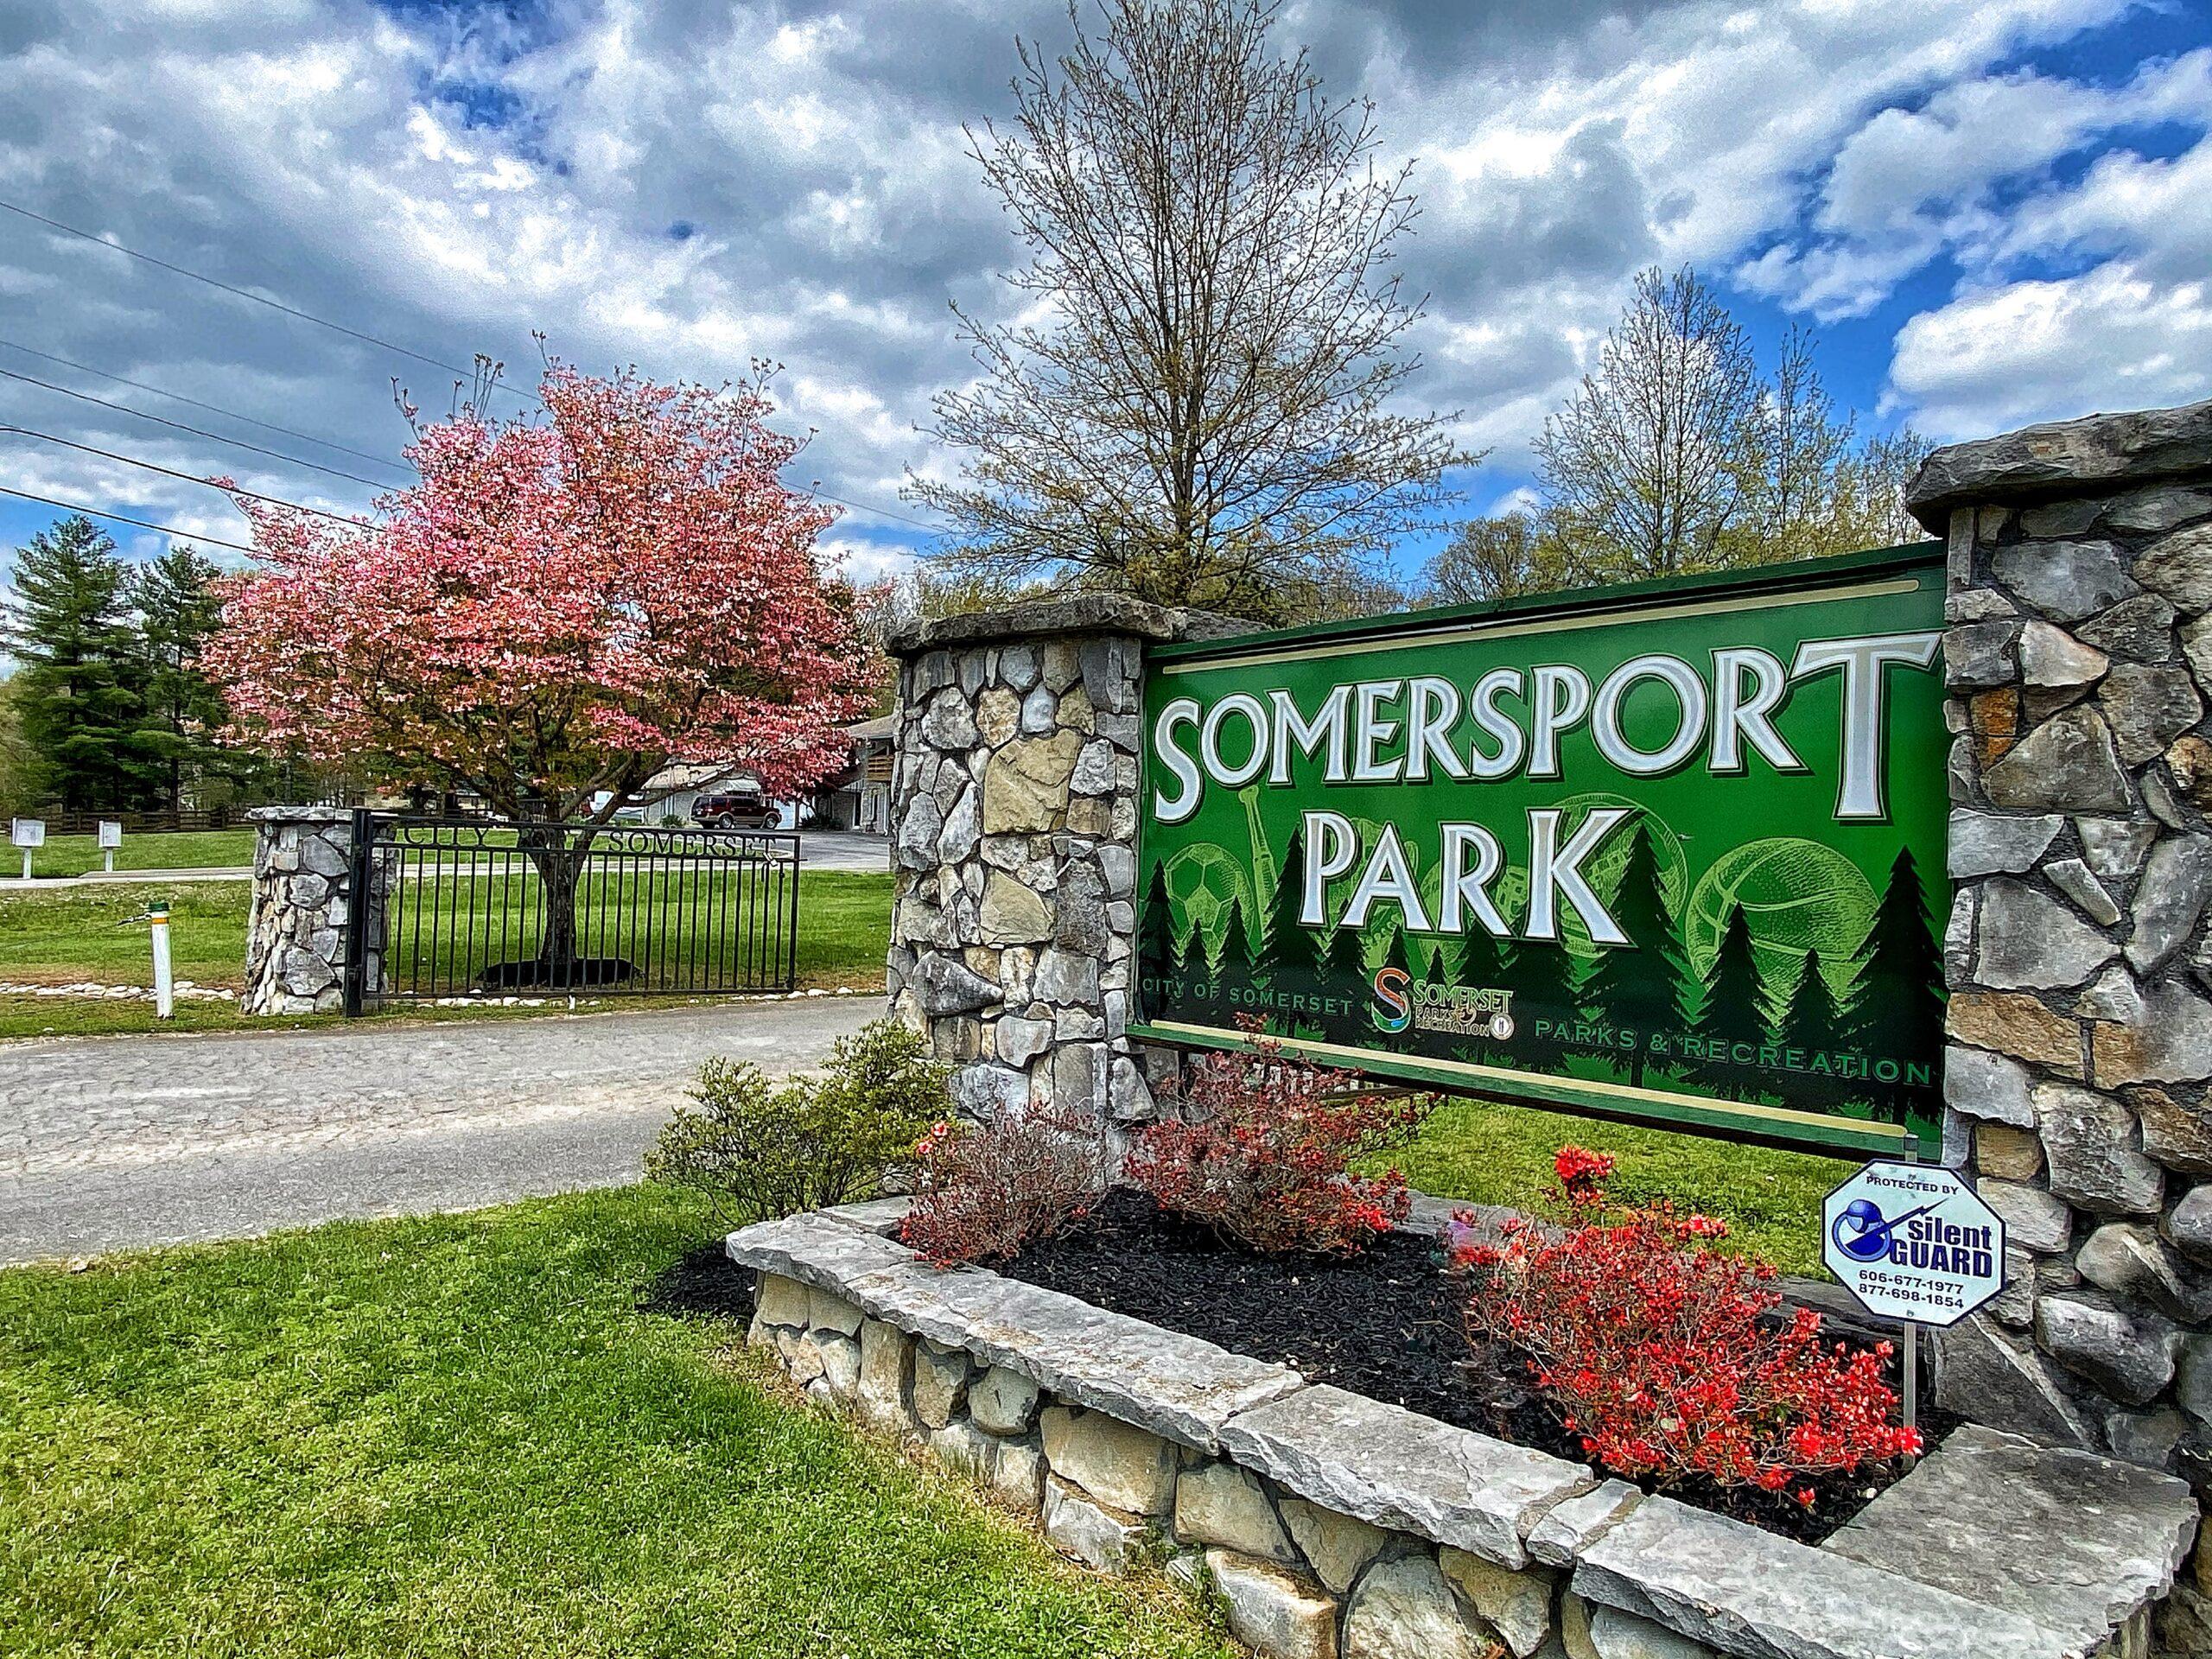 Somersport entrance